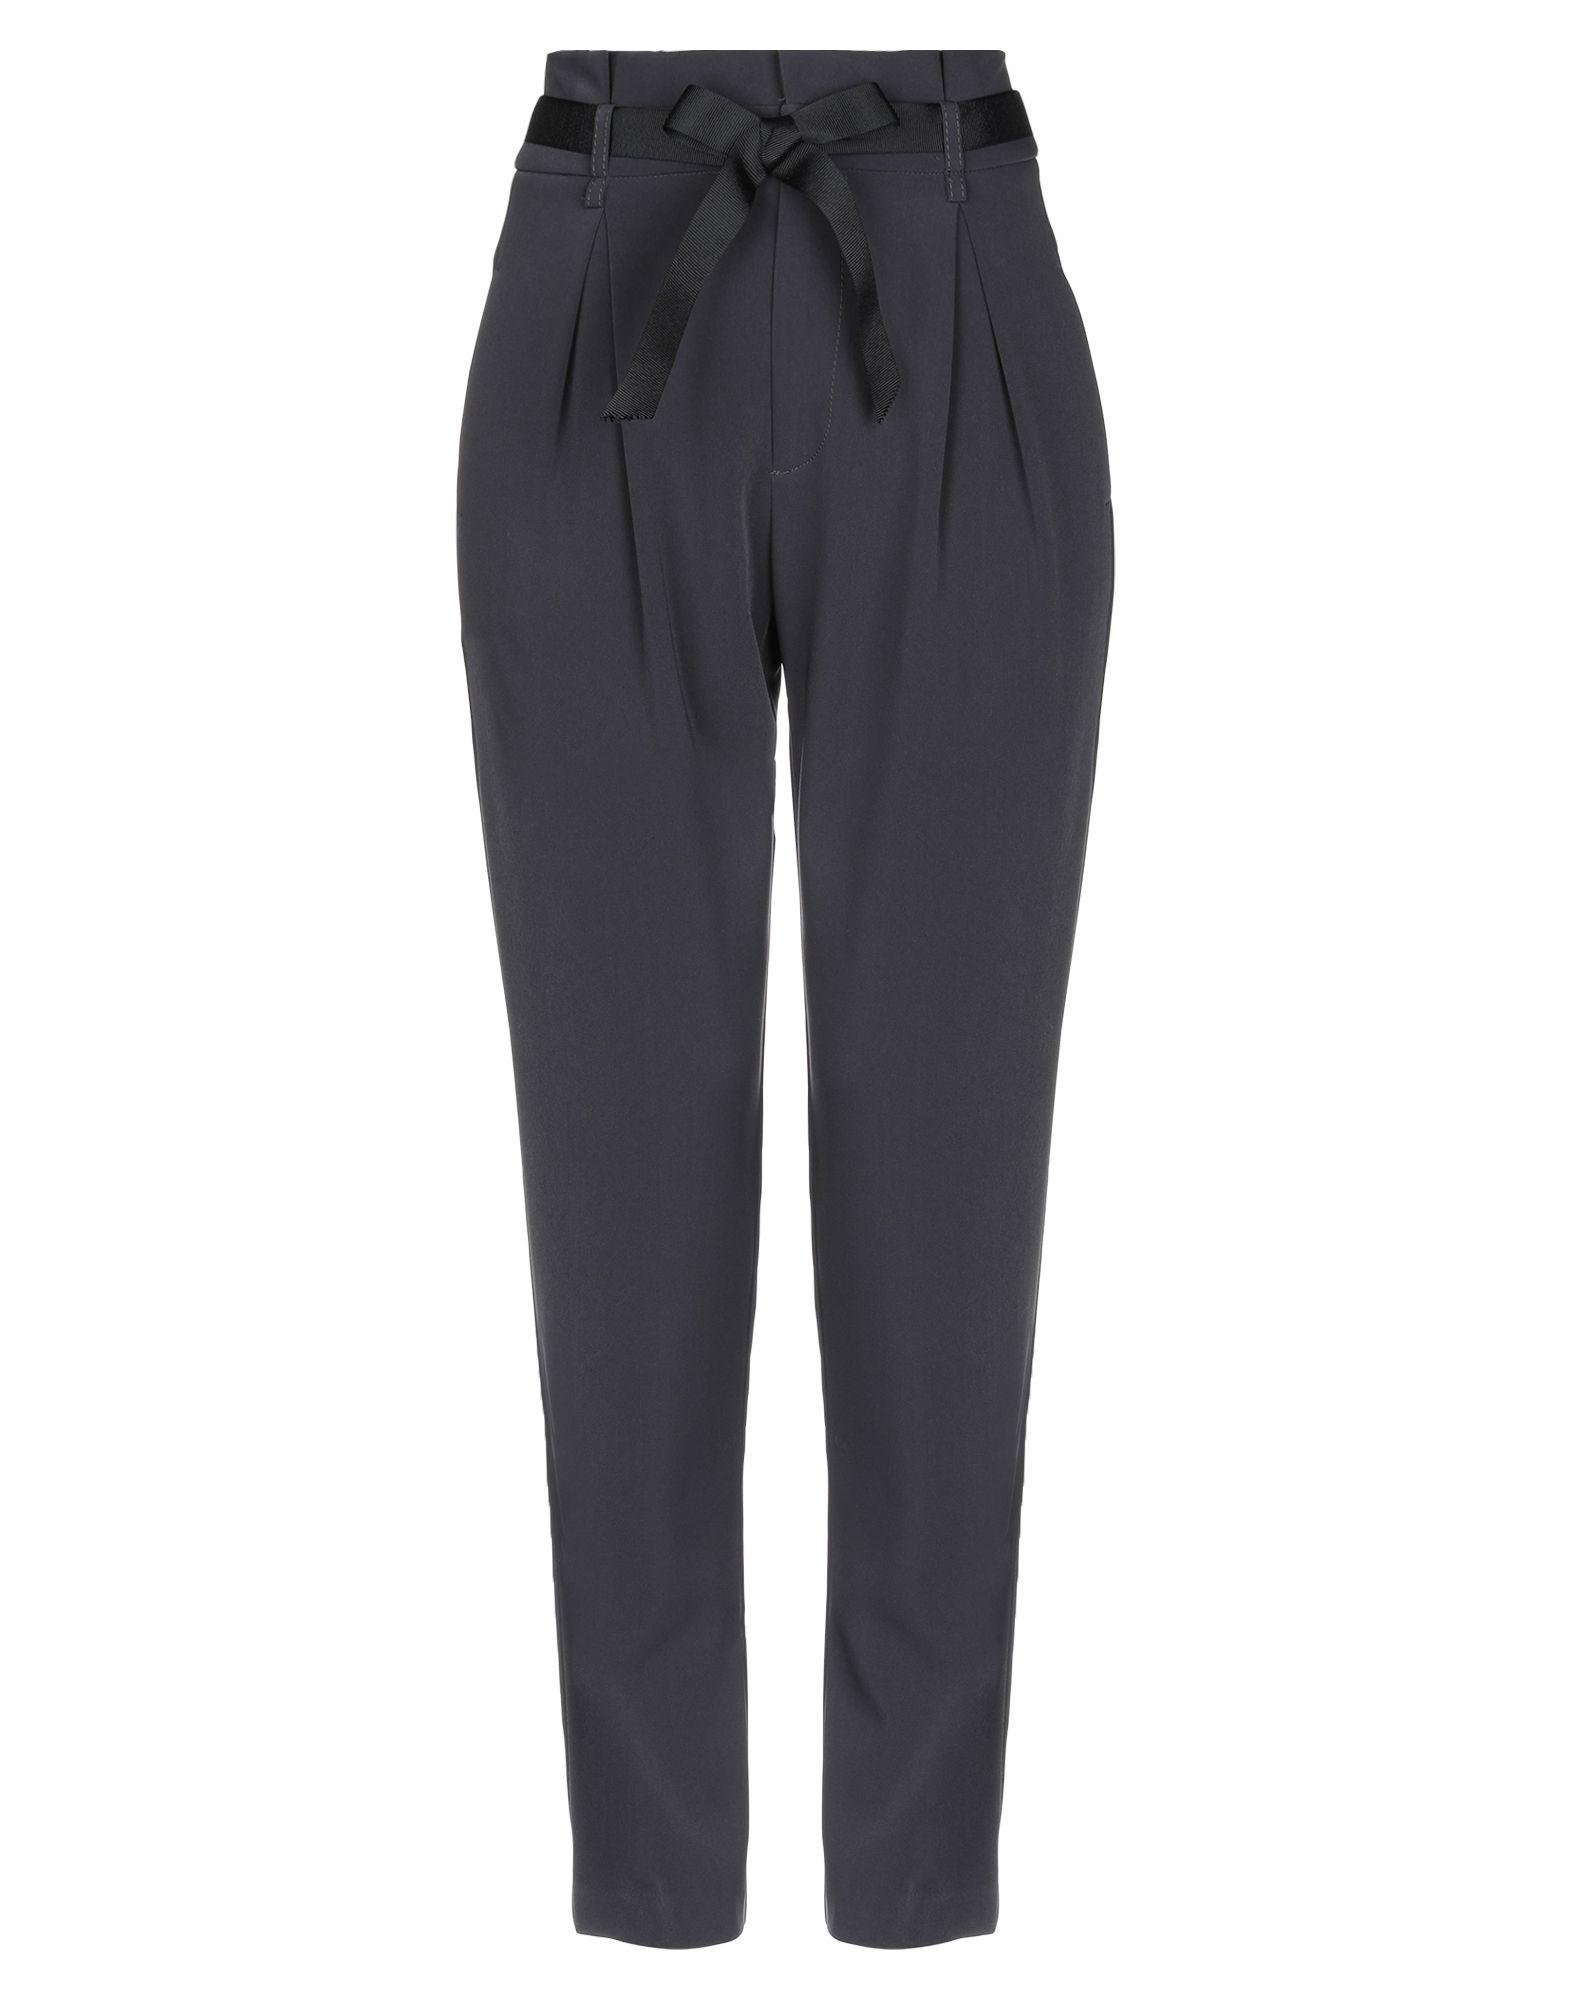 Pantalone Prani damen - 13355024WS